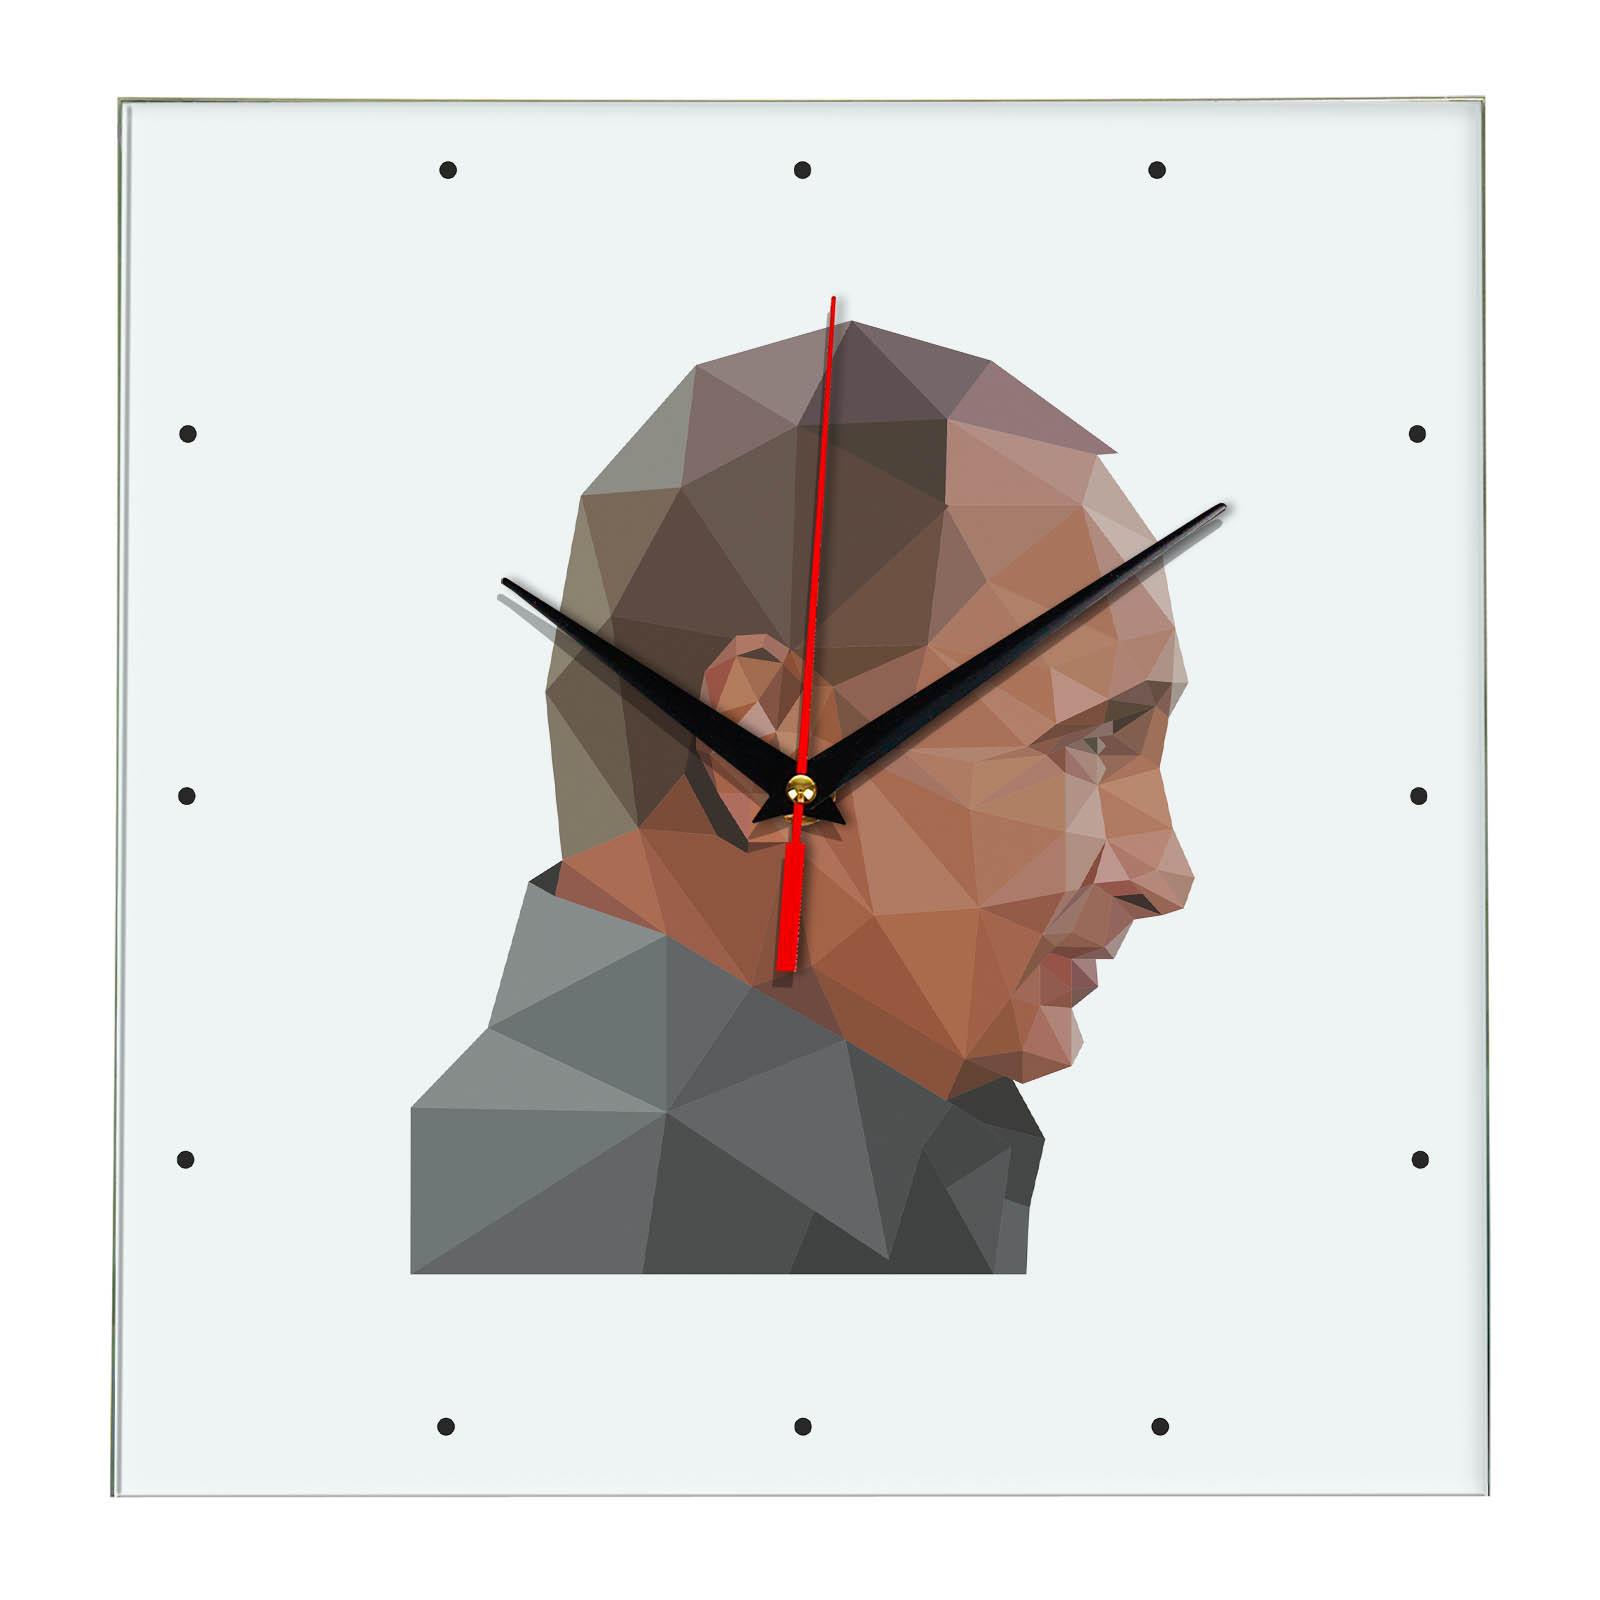 clock_rossia24_0013_svetl-kvadtat